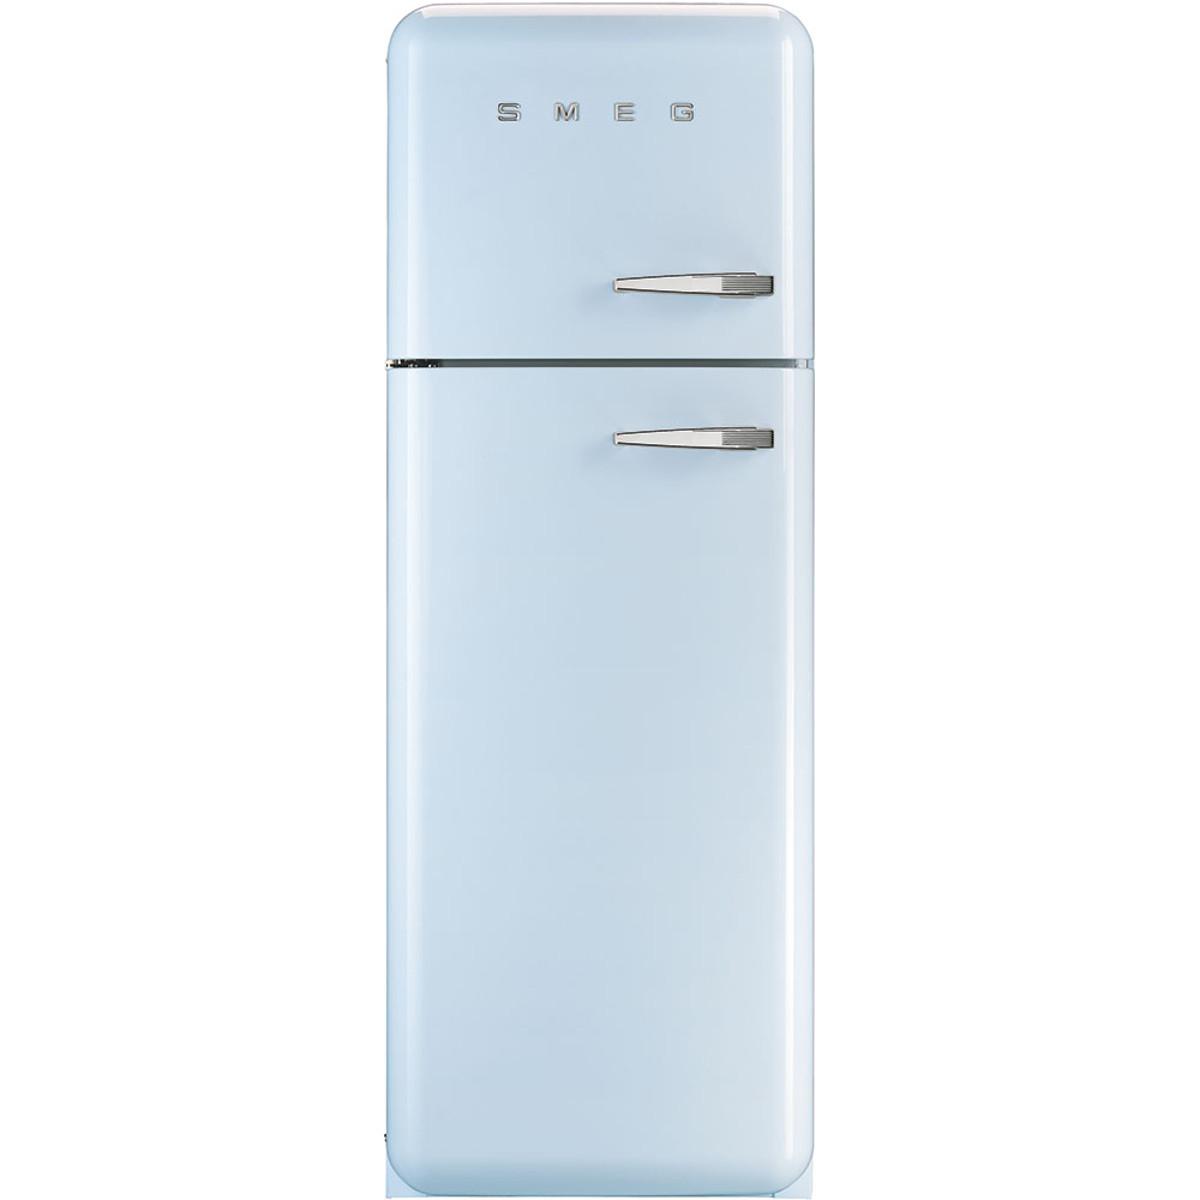 Smeg Fab30lfa 50 S Retro Style Aesthetic Fridge Freezer Pastel Blue Left Hand Hinge